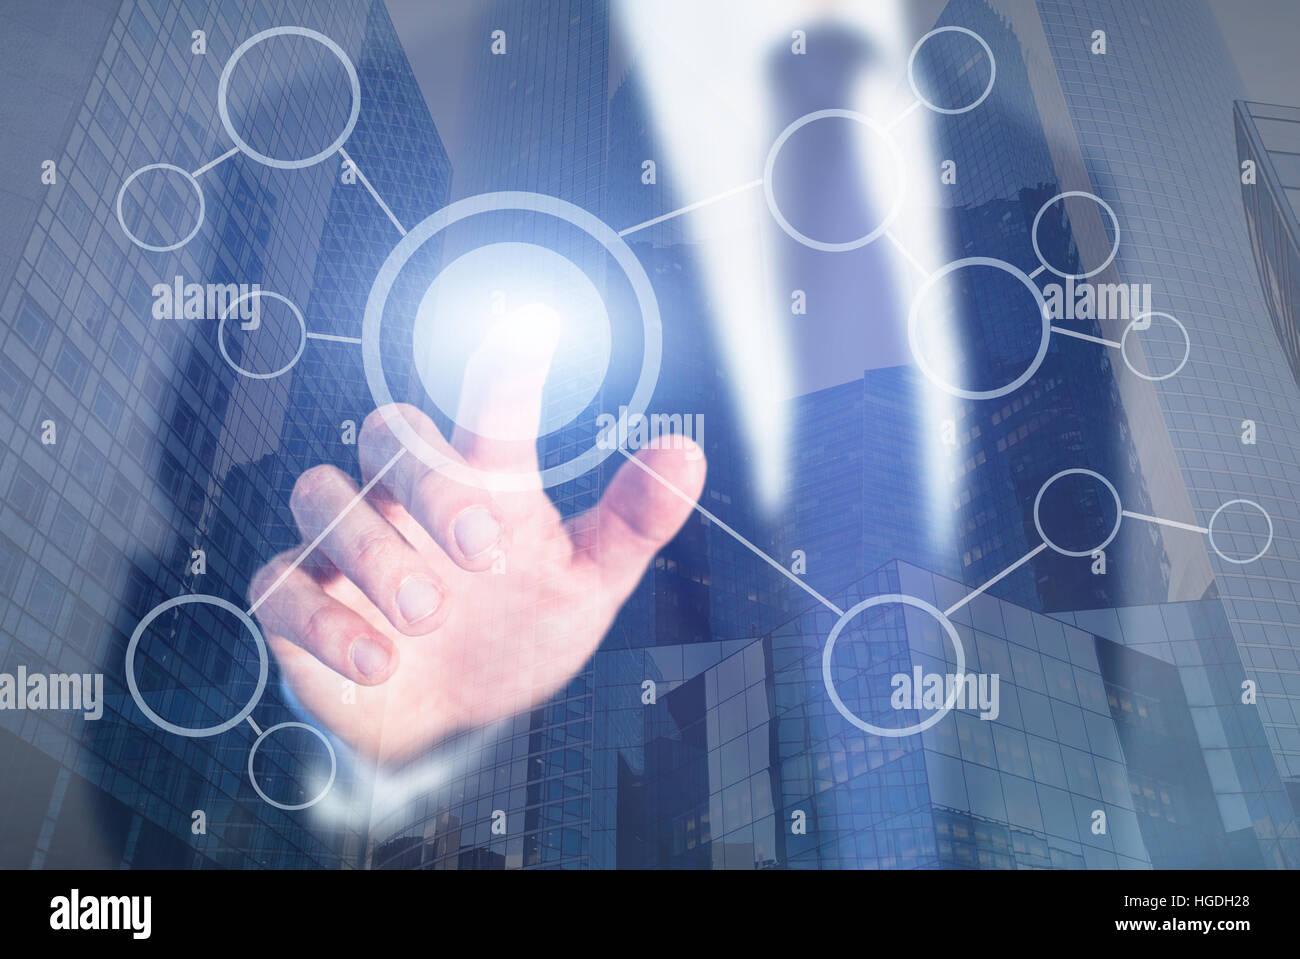 Blank diagramma di flusso su abstract touch screen, processo aziendale o il concetto di obiettivo Immagini Stock